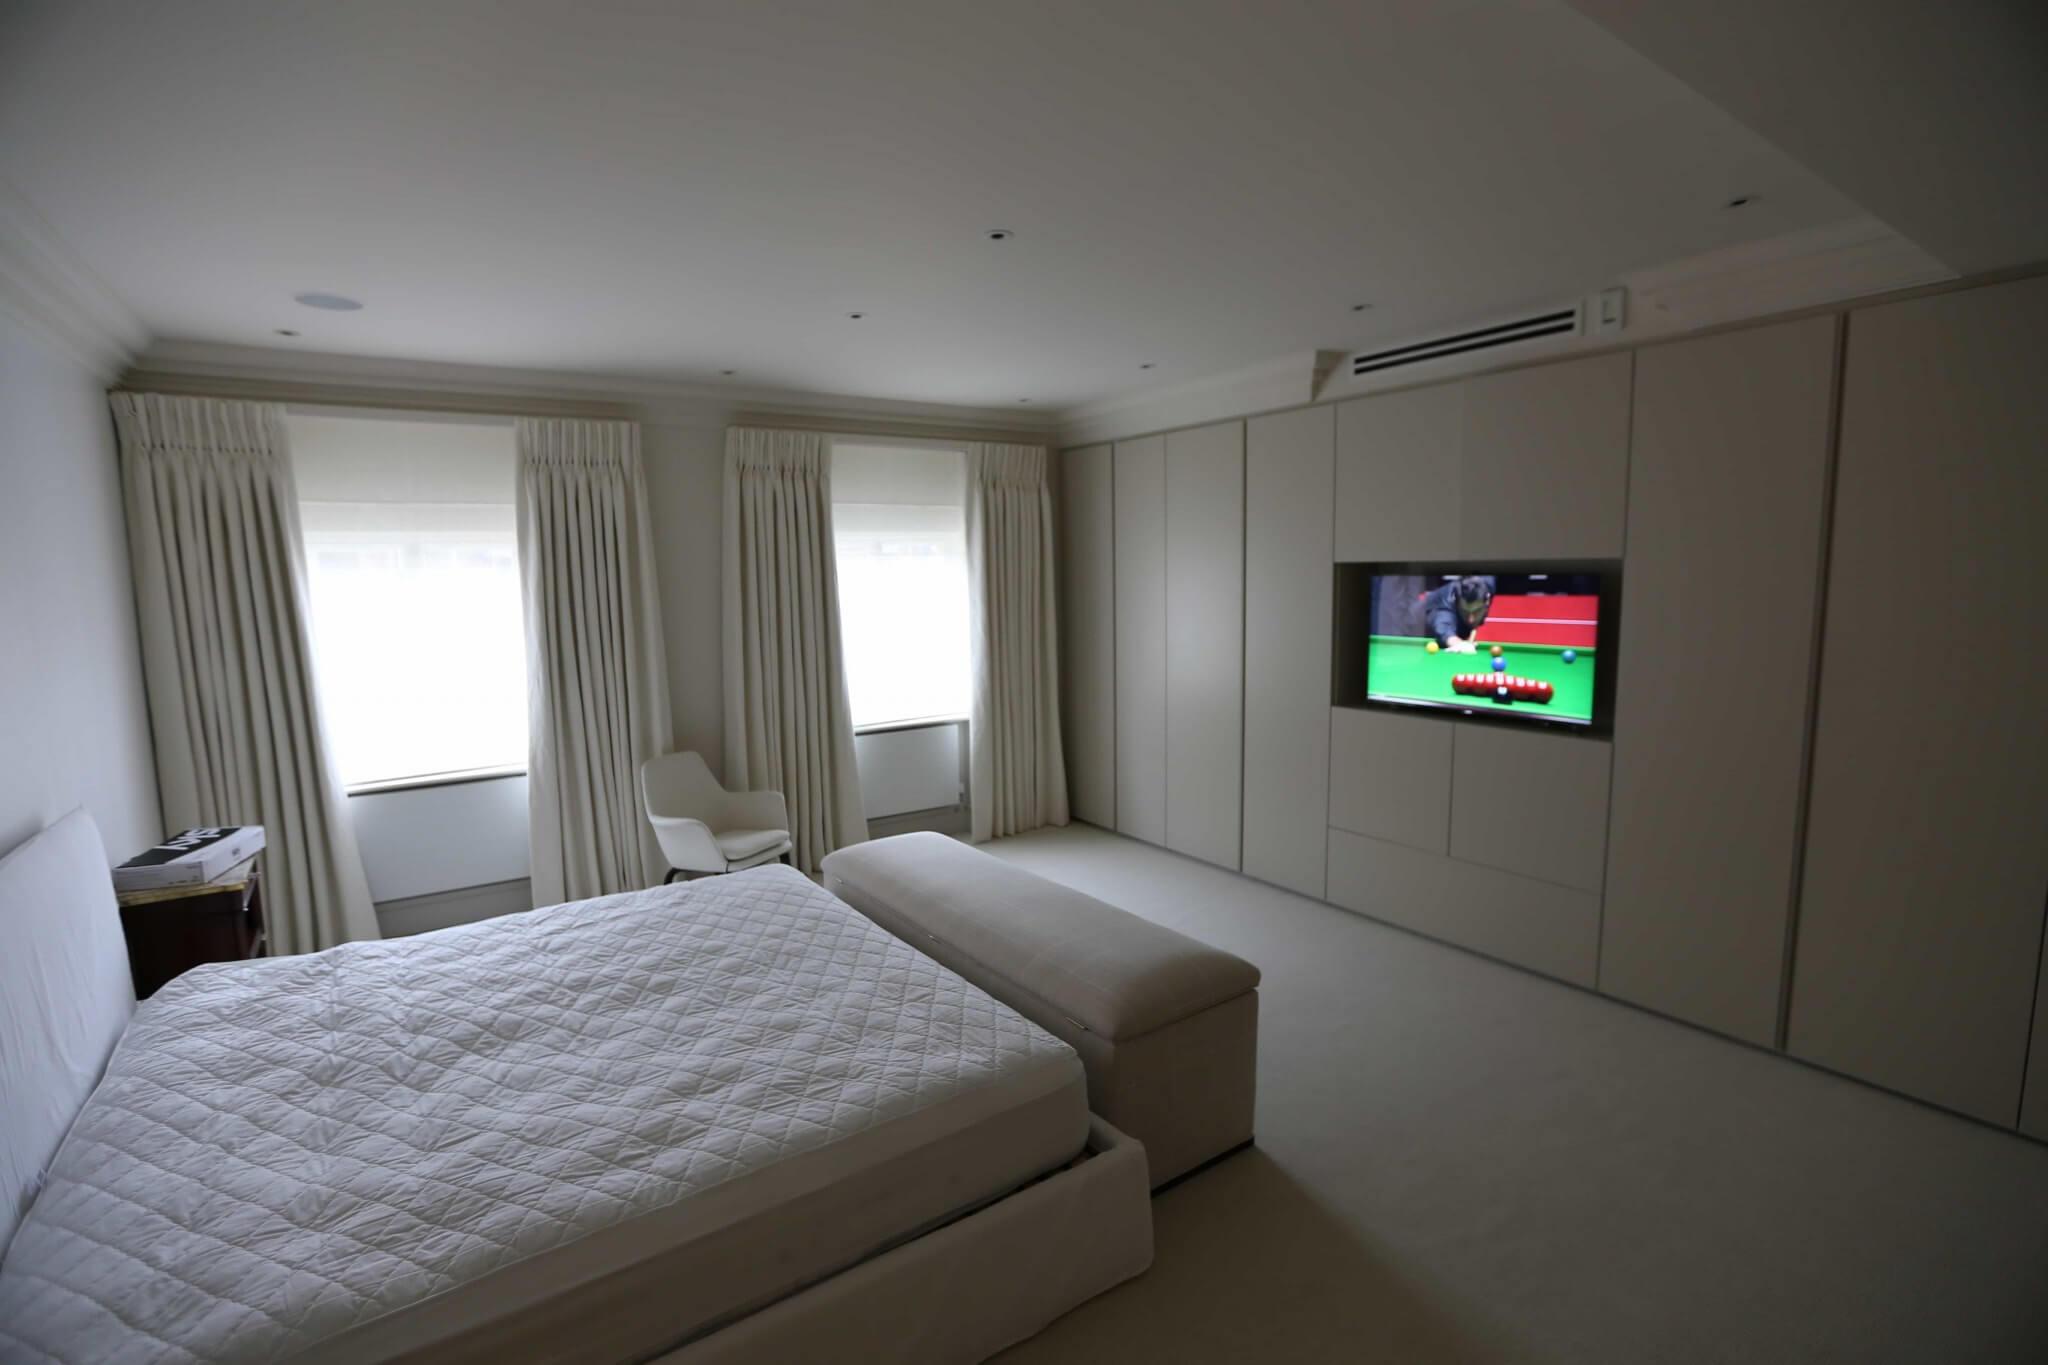 Bedroom TV in Mayfair